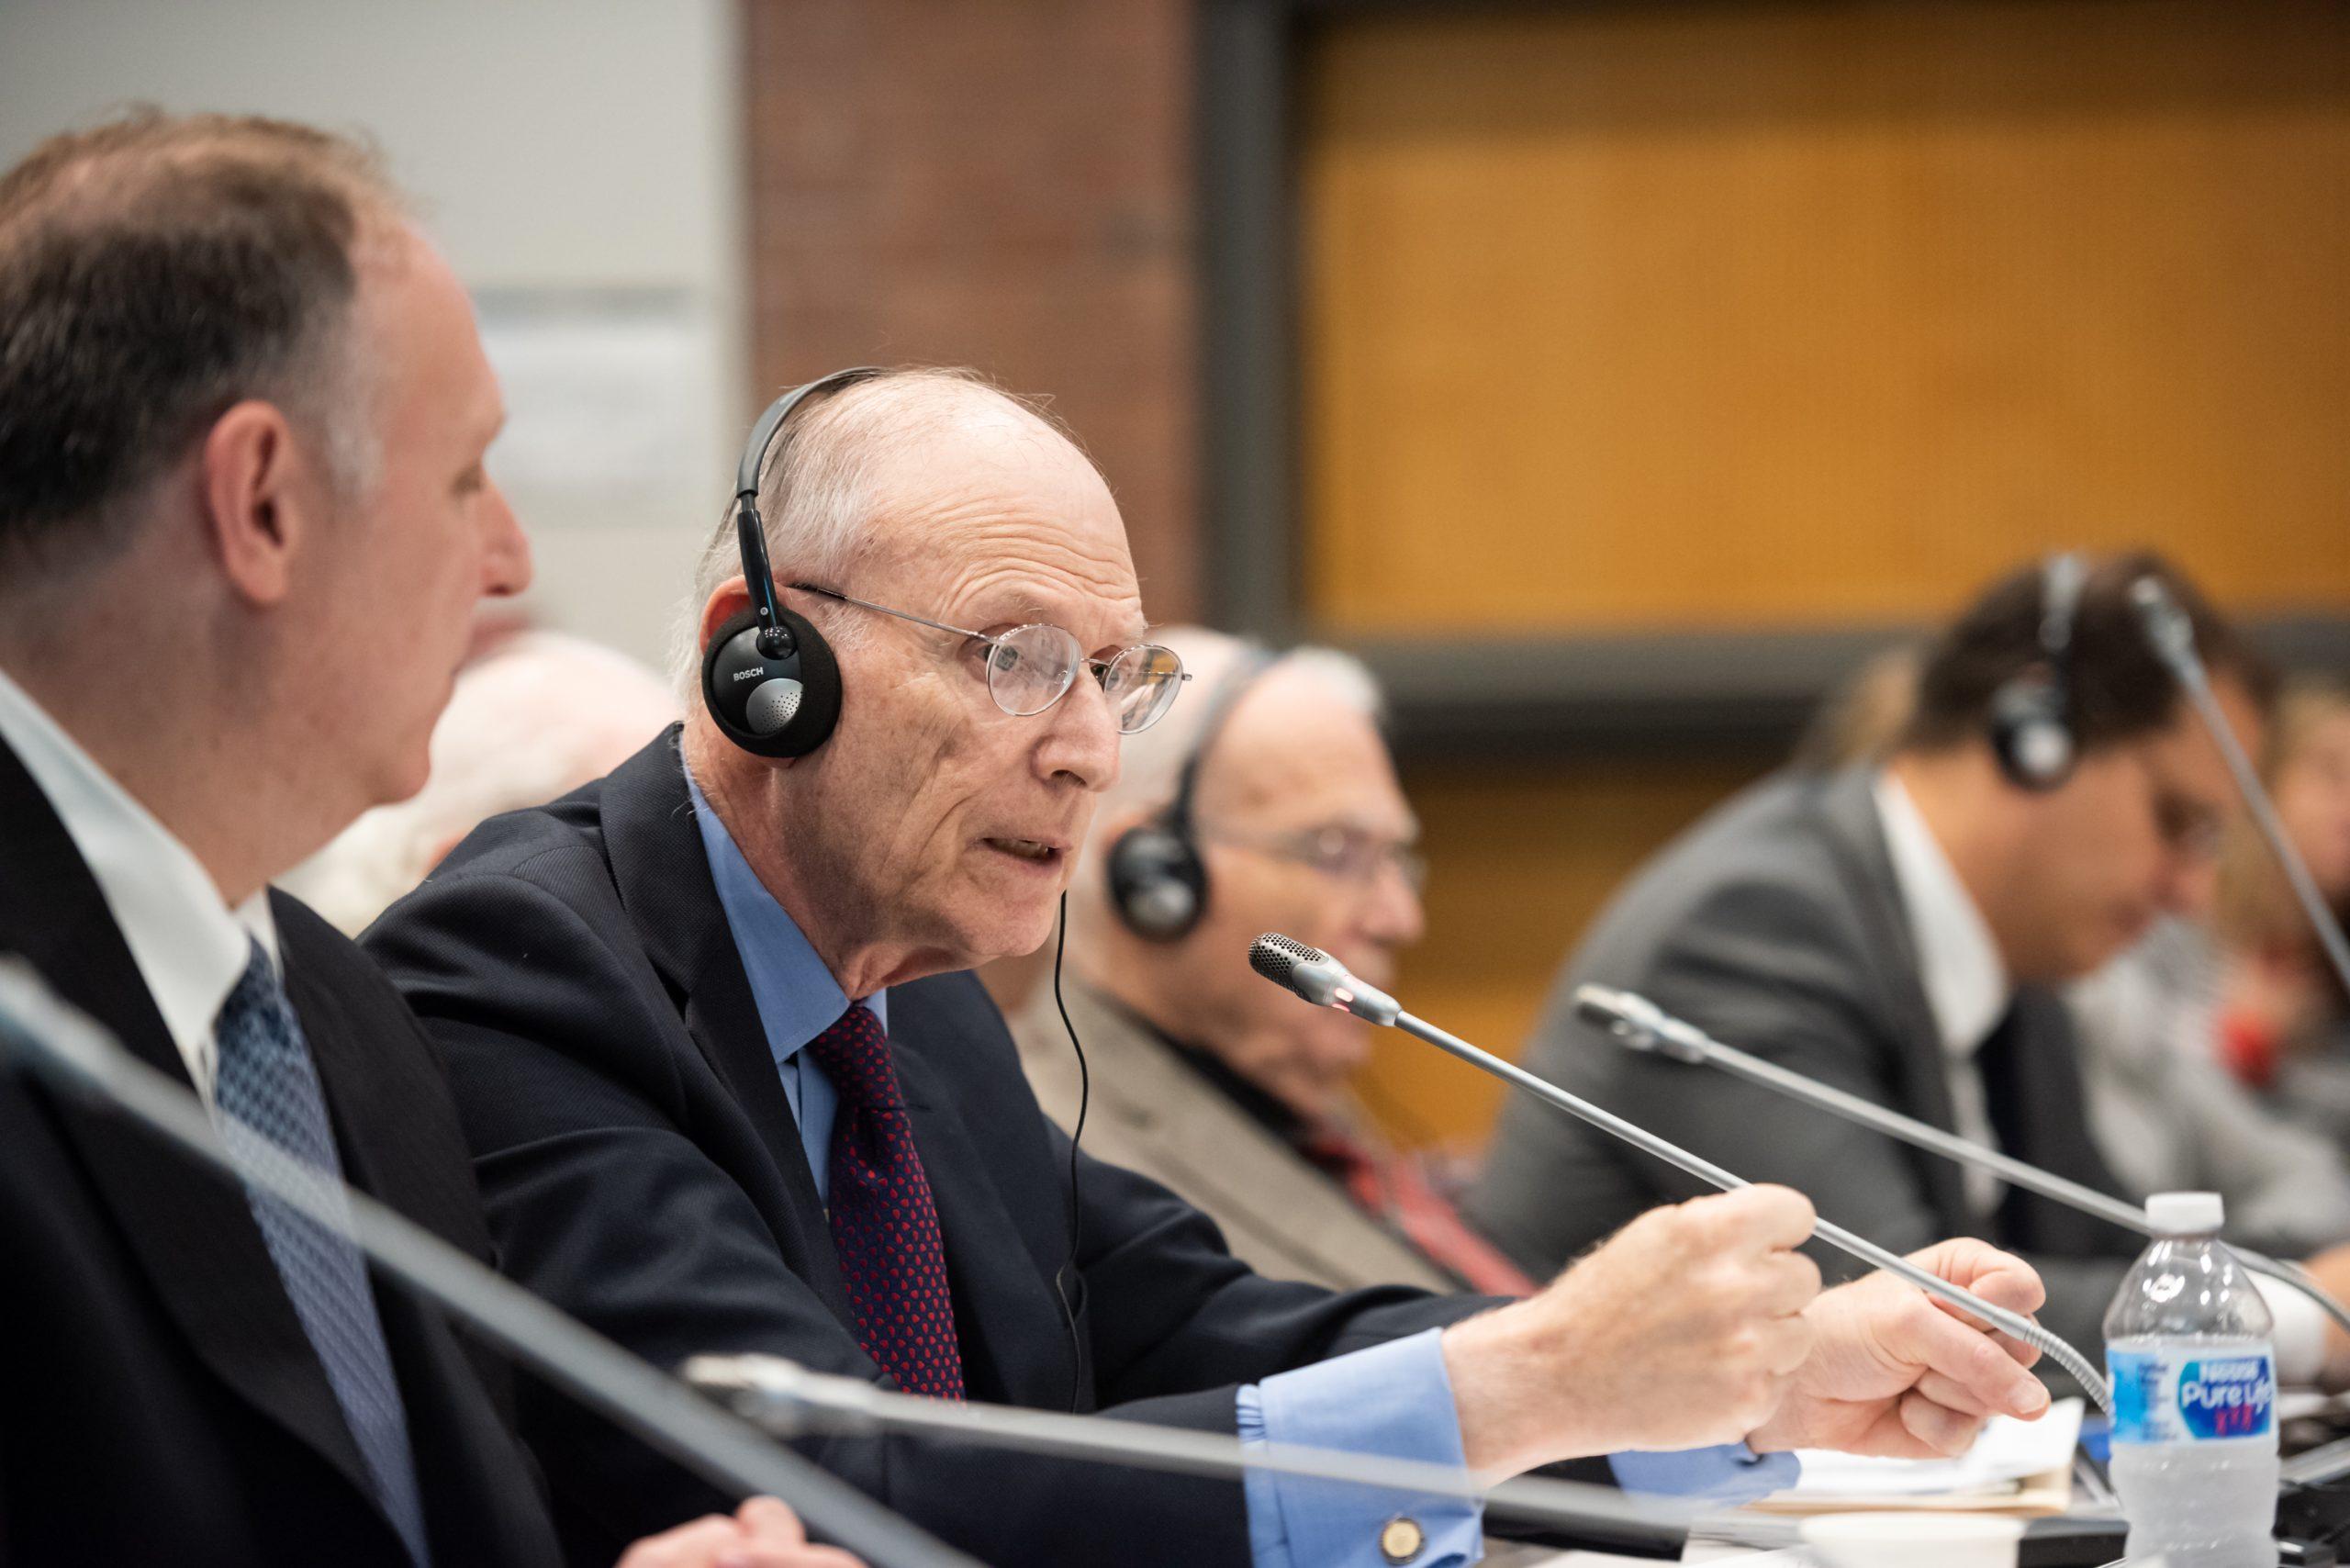 """הצלחה במו""""מ בין ועידת התביעות לממשלת גרמניה: כ-6,500 ניצולי שואה יהיו זכאים לראשונה לפנסיה חודשית"""